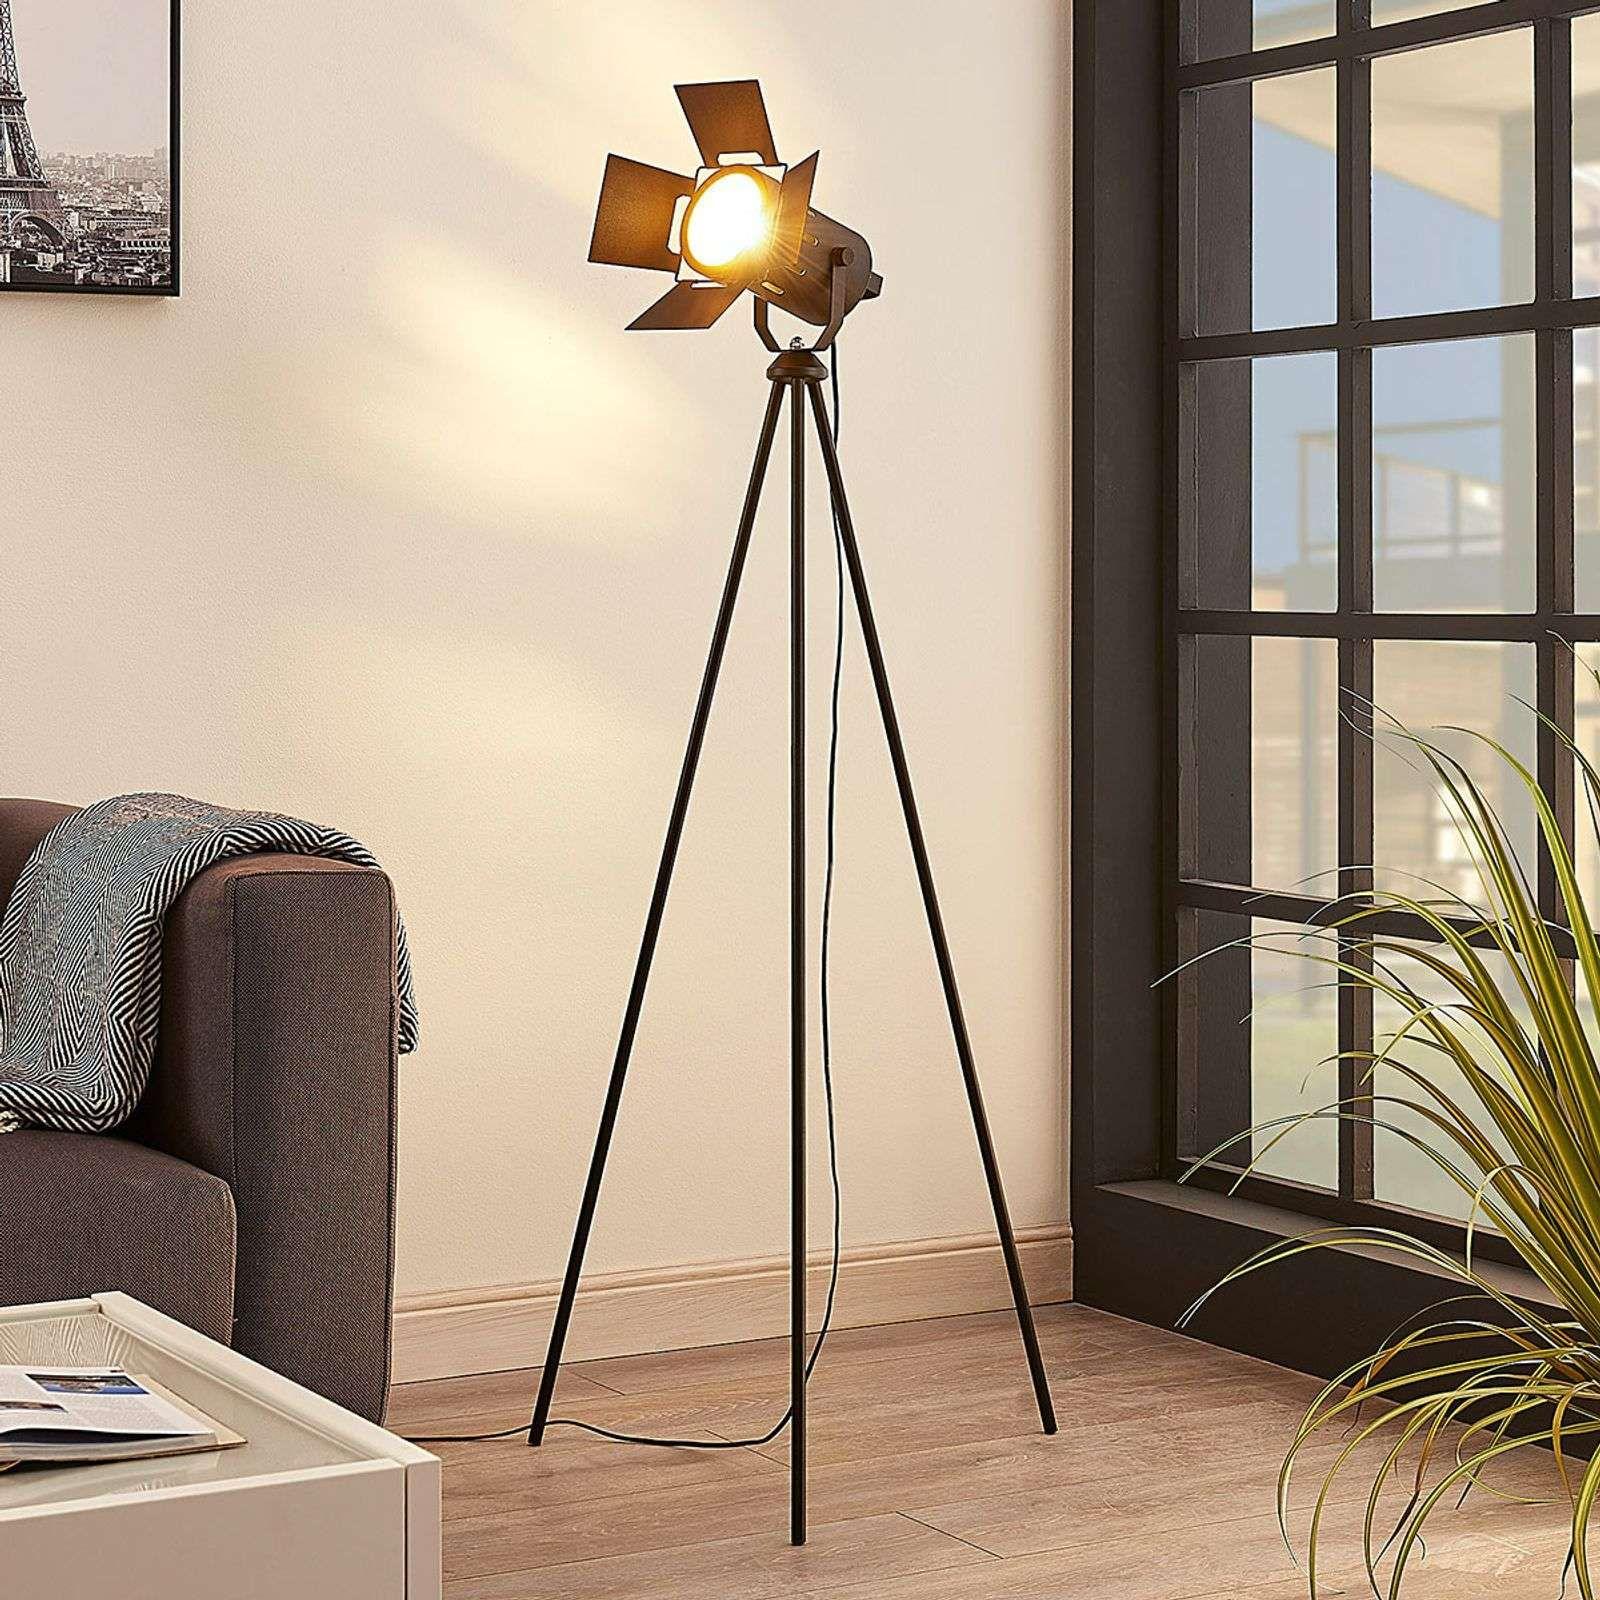 Stehlampe Grau Gunstig Dimmbar Stehleuchte Moderne Stehlampe